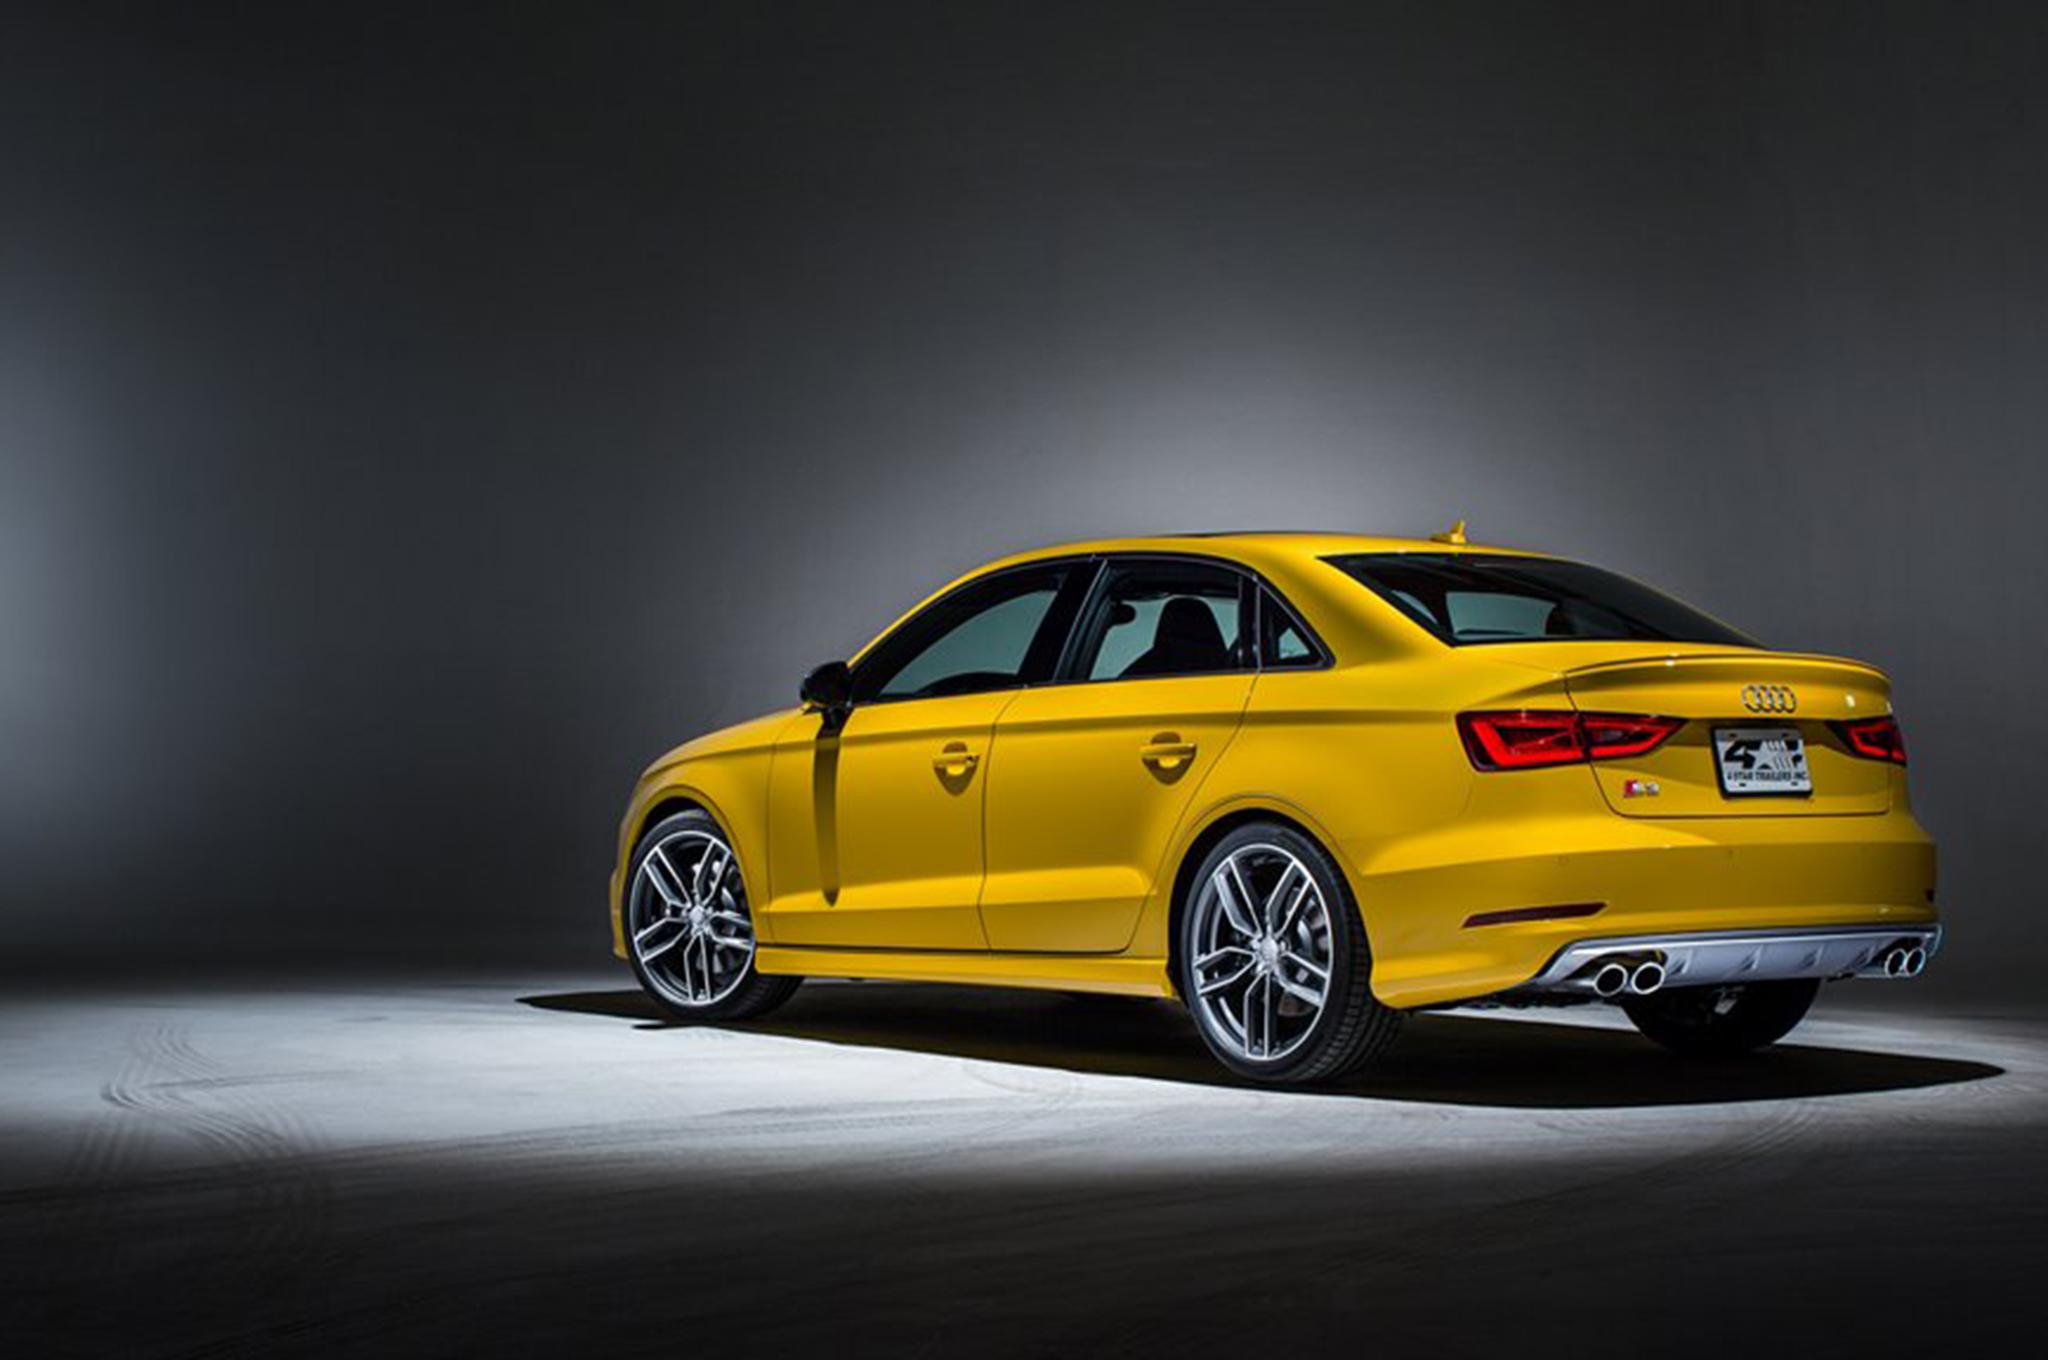 2015 Audi S3 exclusive edition yellow rear Audi S3 2017 giá bao nhiêu? động cơ và khả năng vận hành